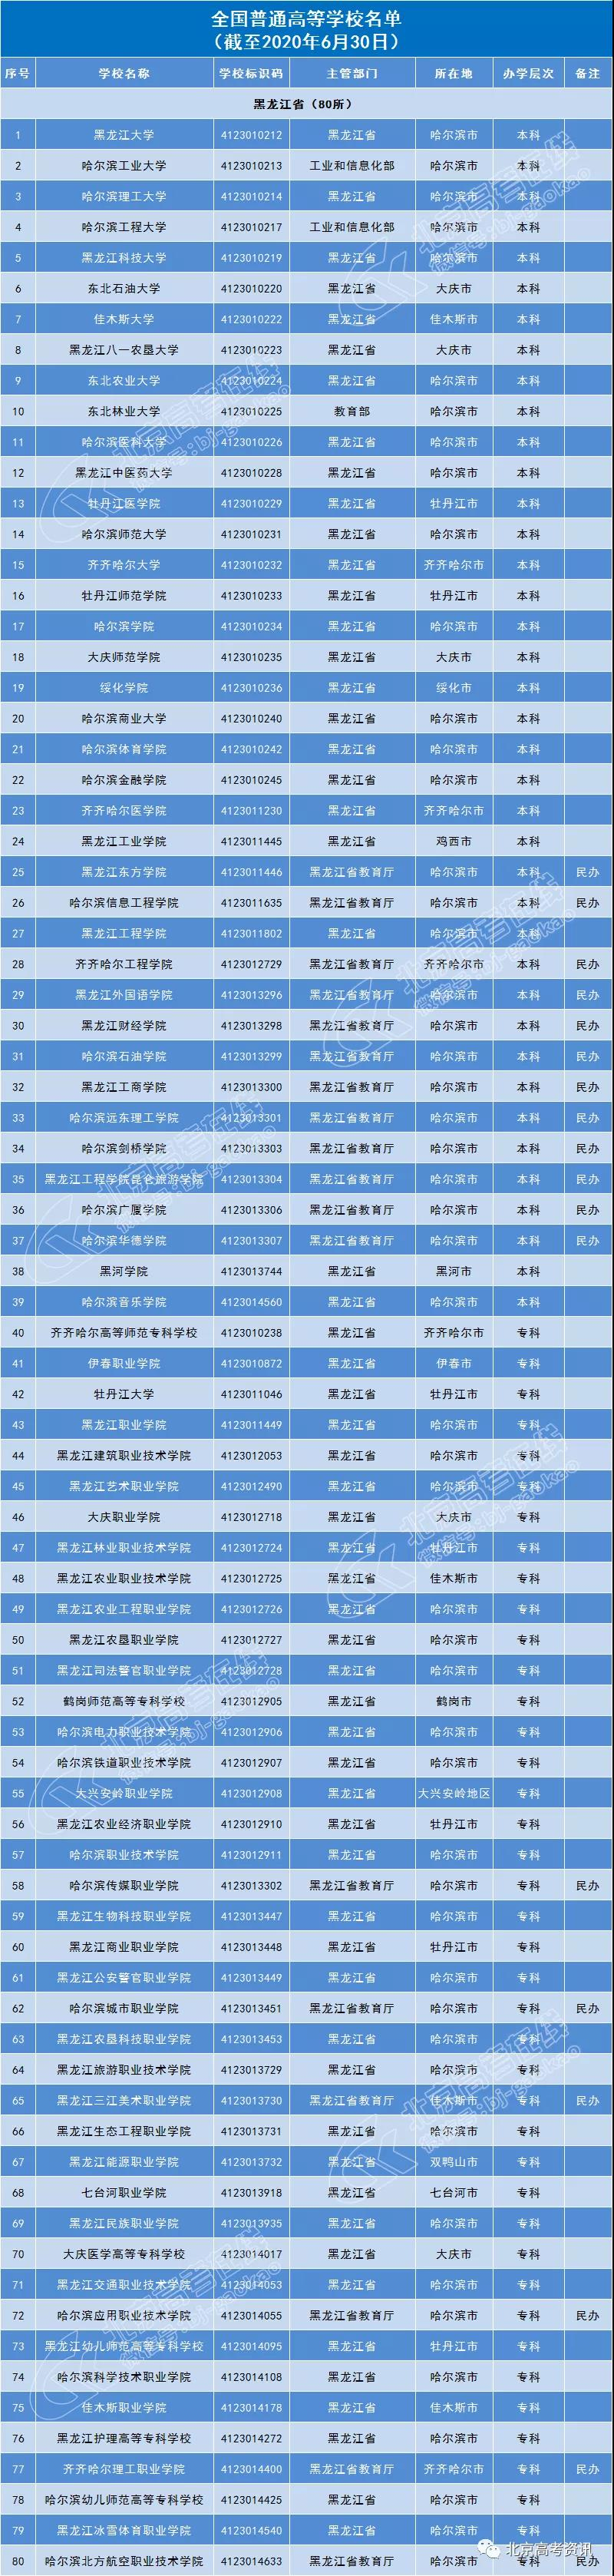 黑龙江省80所普通高等院校名单